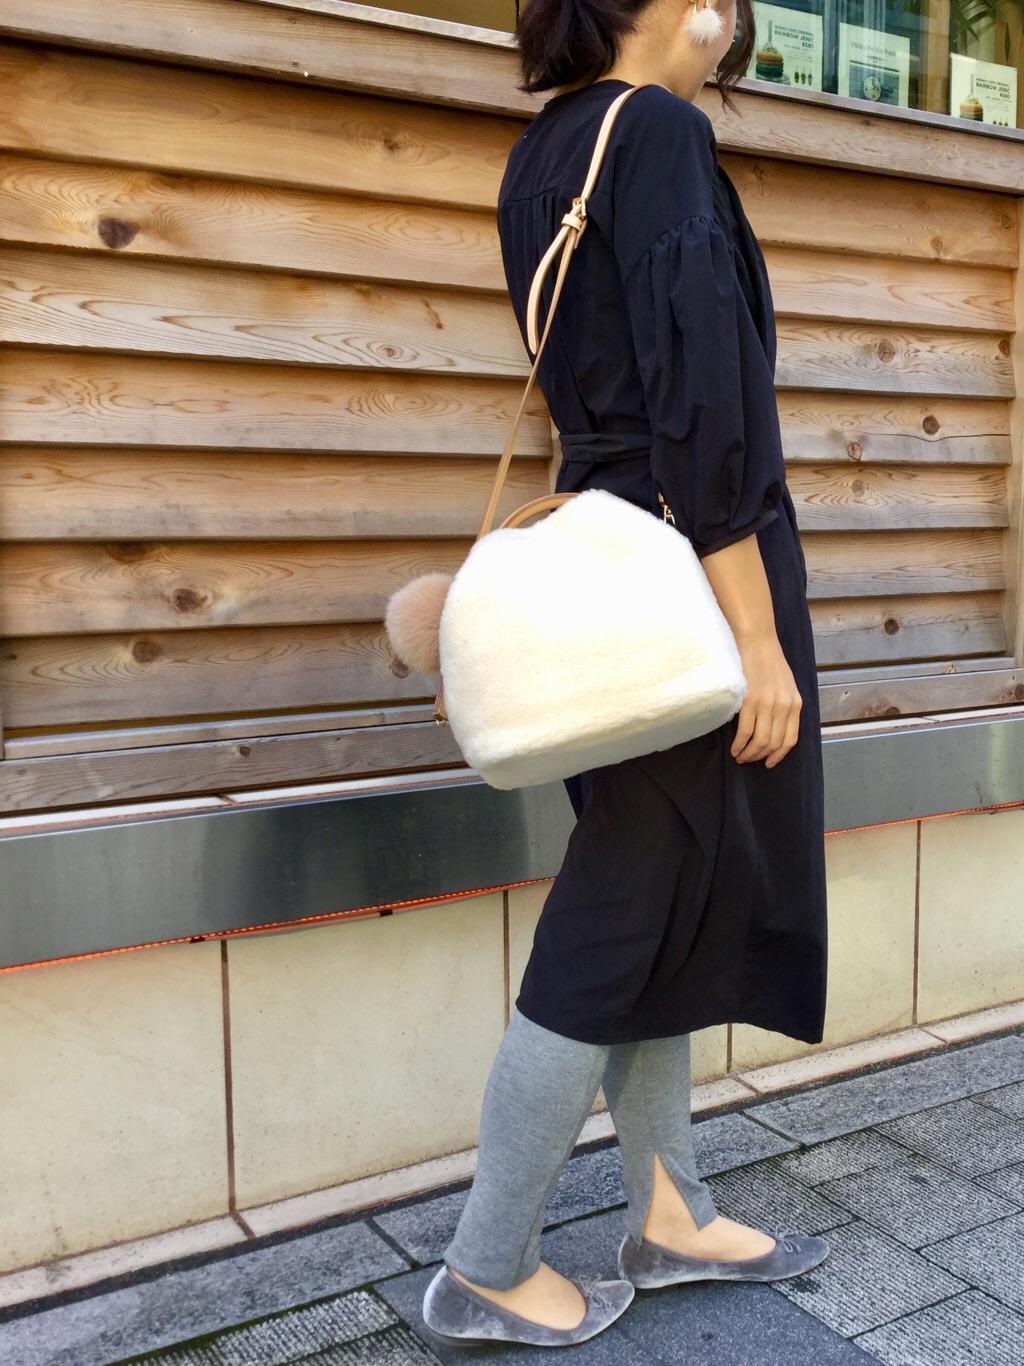 サマンサタバサエスティニー 静岡パルコ店 yuko endo